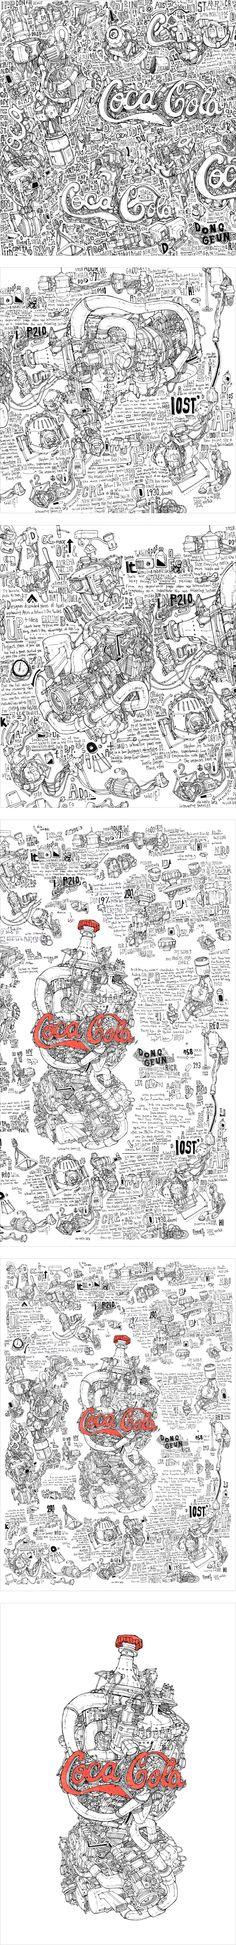 Coca-Cola by DongGeun Lee, via Behance